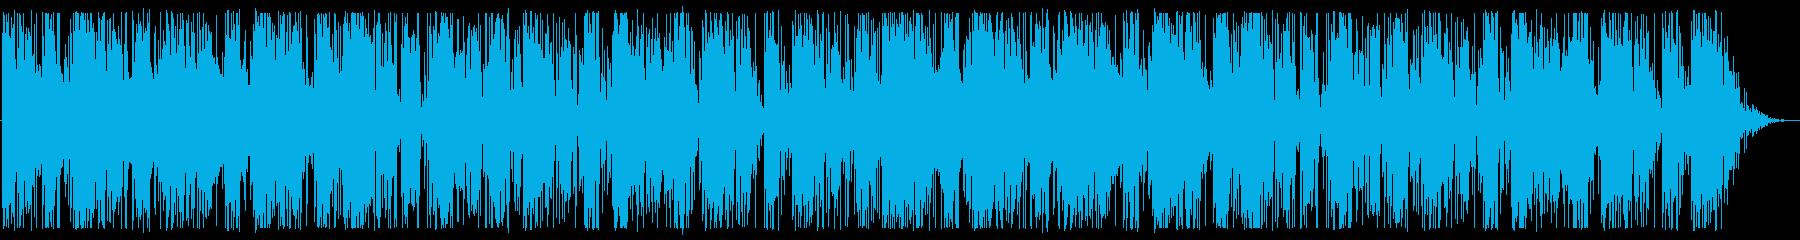 ノリ良くユルフワなファンクセッション♪の再生済みの波形